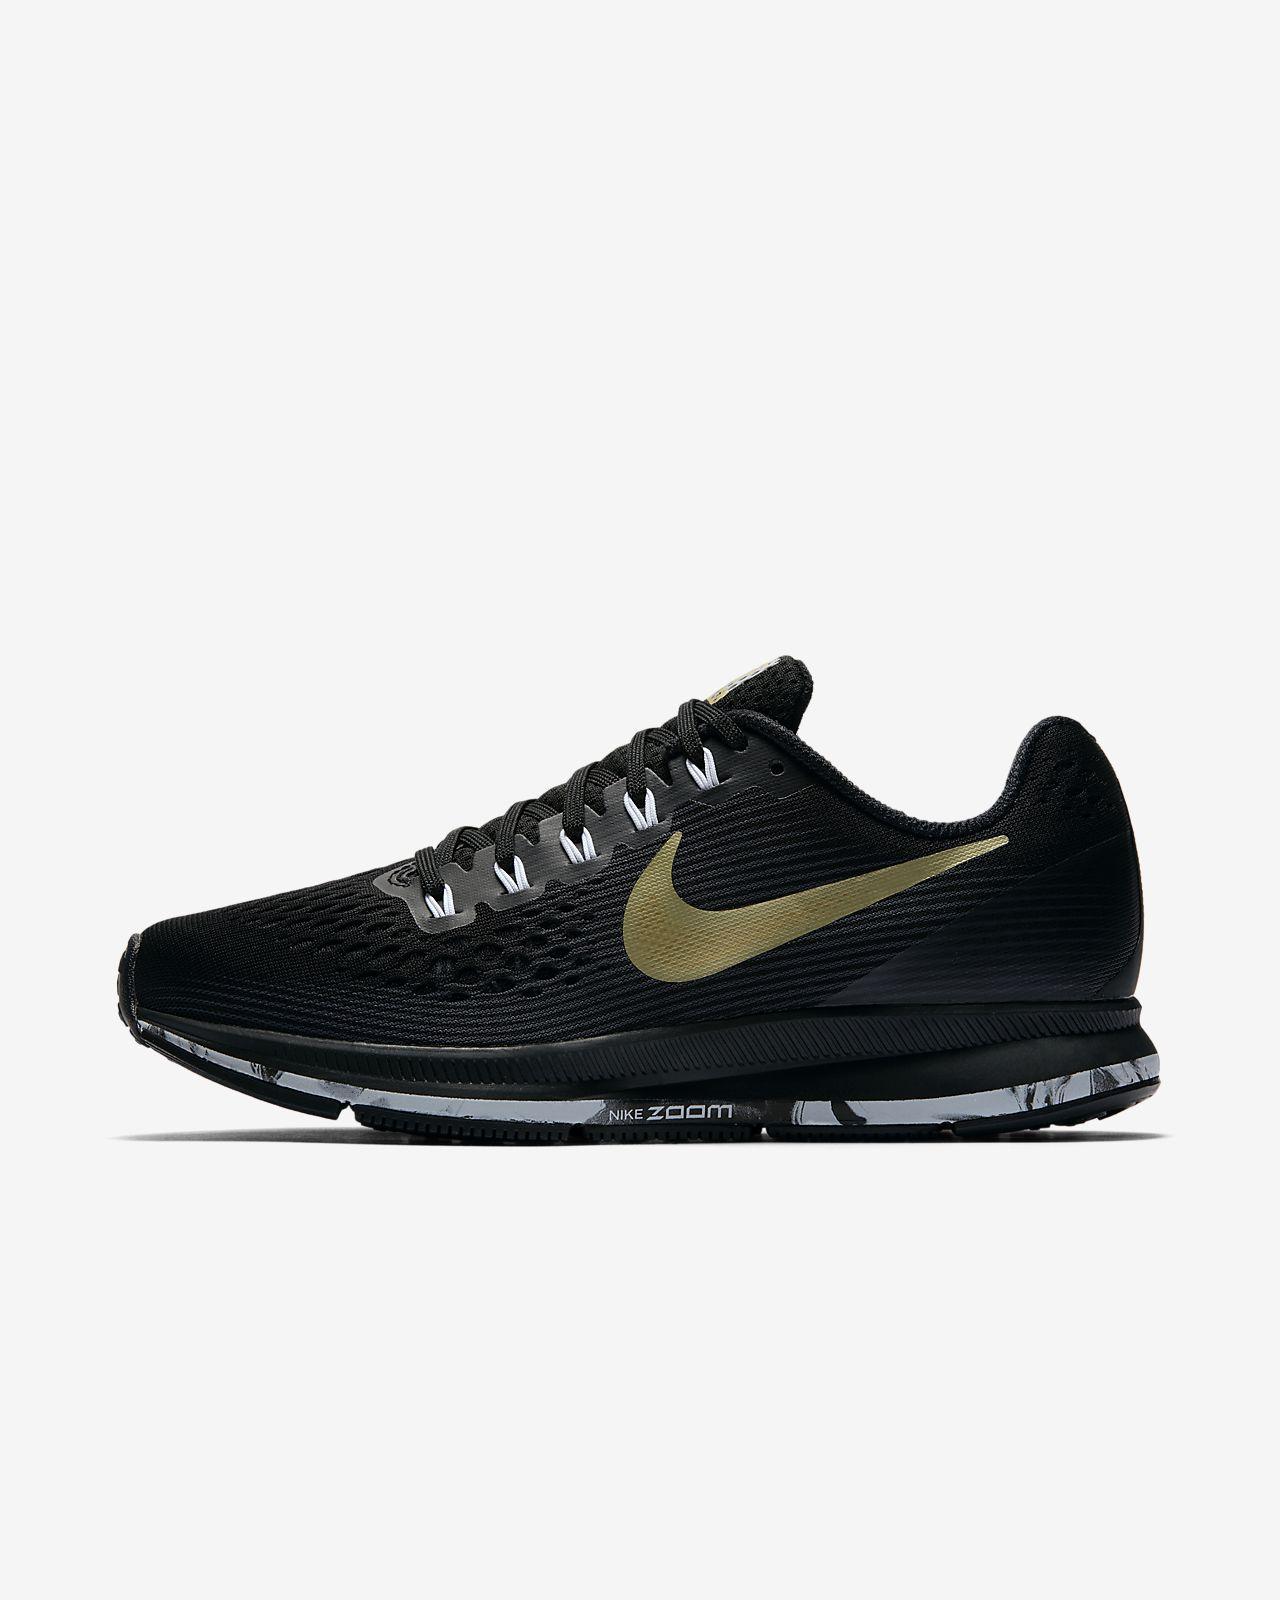 Nike Shoes At Lady Foot Locker